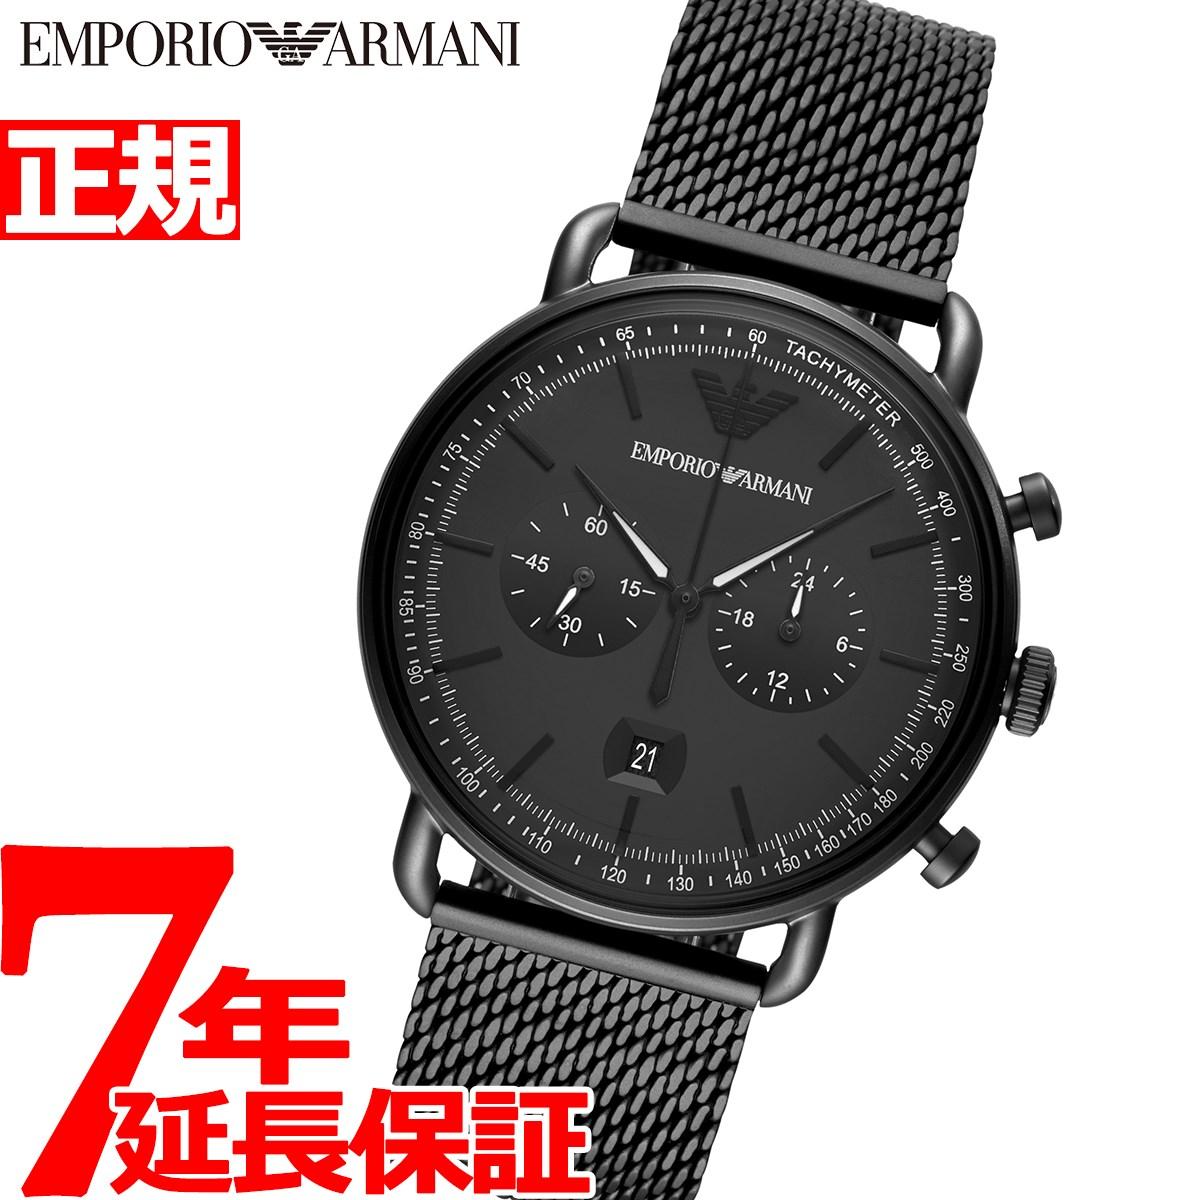 【5日0時~♪10%OFFクーポン&店内ポイント最大51倍!5日23時59分まで】エンポリオアルマーニ EMPORIO ARMANI 腕時計 メンズ クロノグラフ AR11264